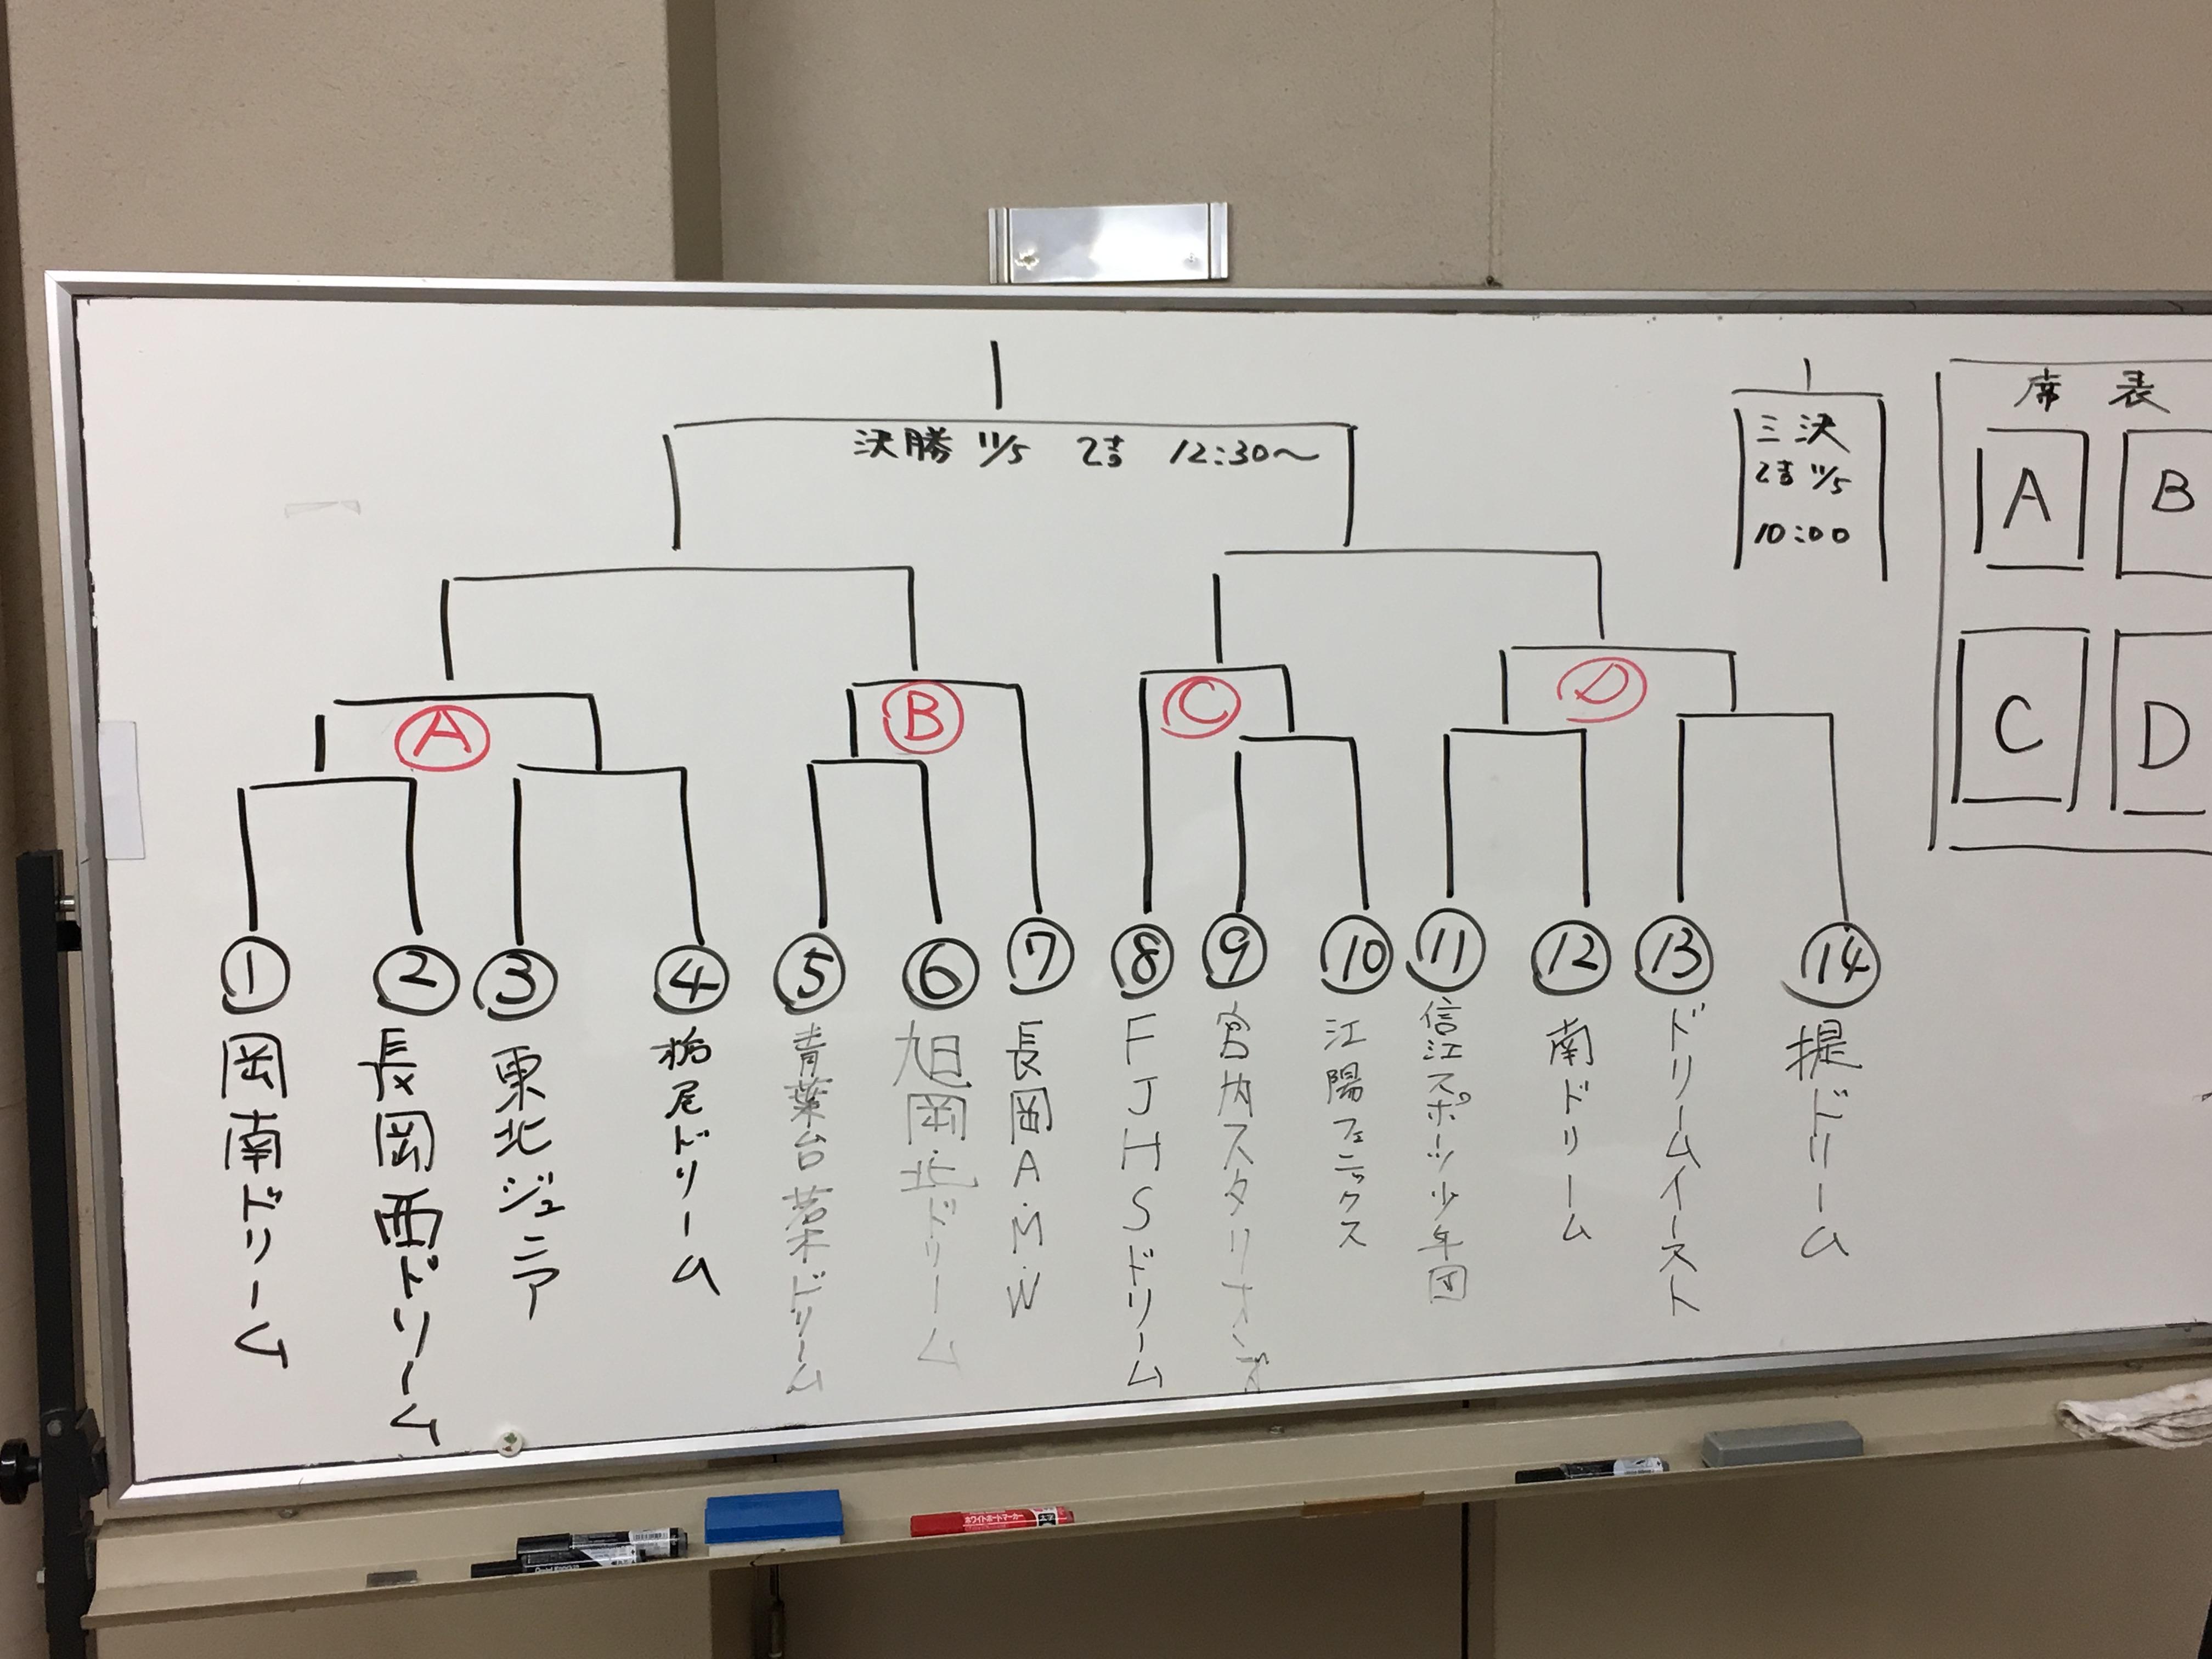 16_09_23(11).jpg